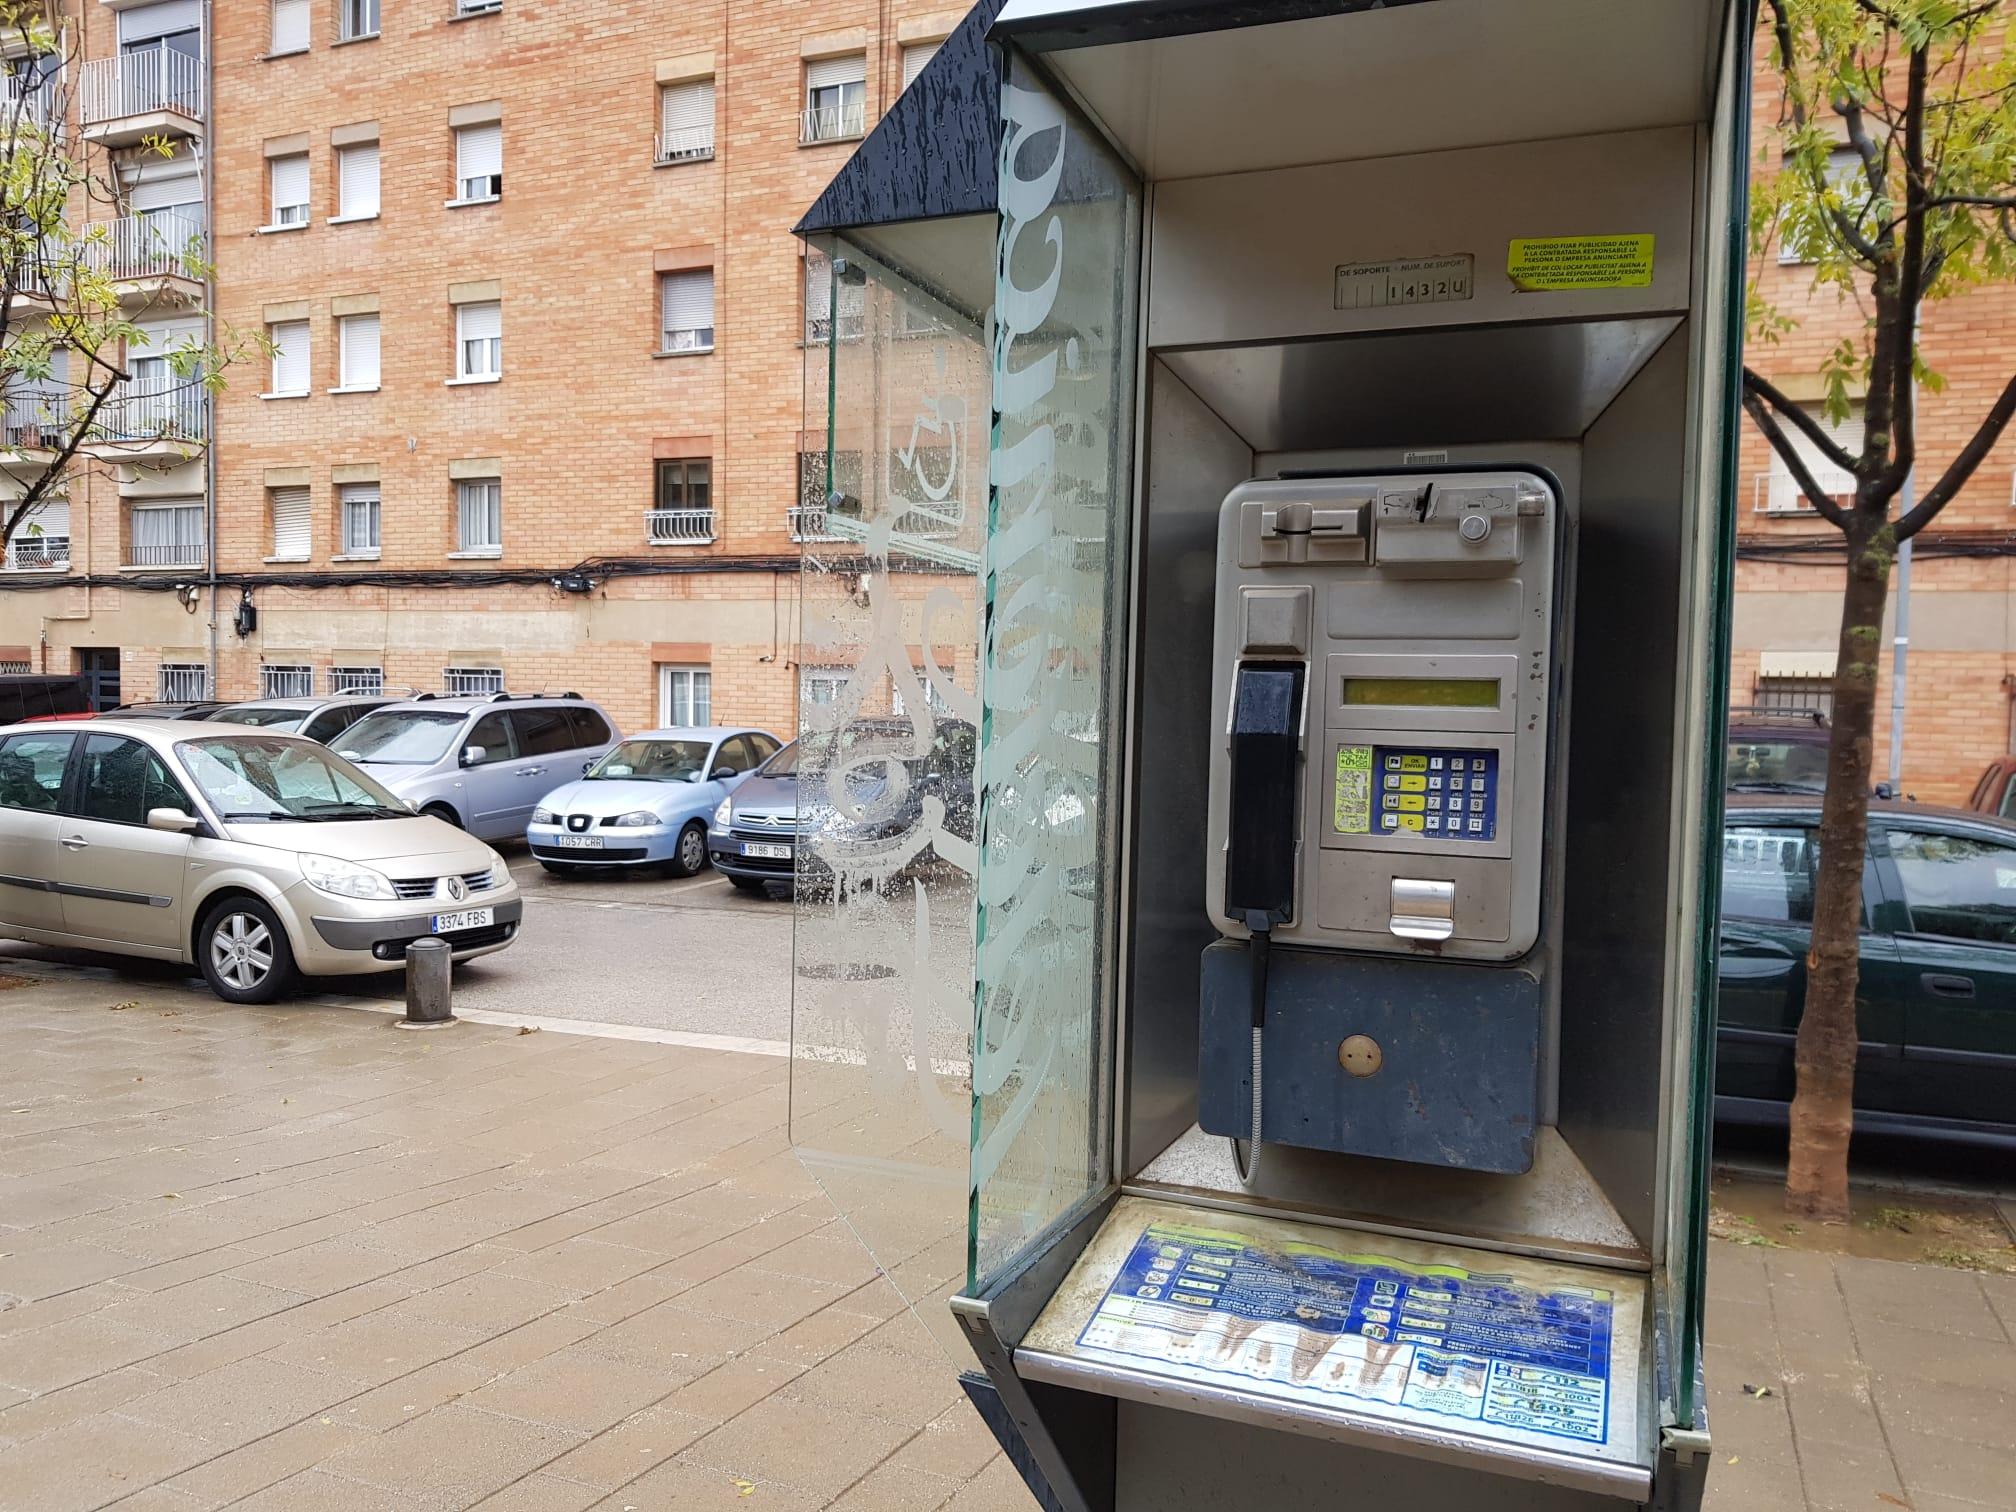 Cabina telefònica al barri de Guadalhorce, una de les poques que hi ha a Terrassa | Lluïsa Tarrida